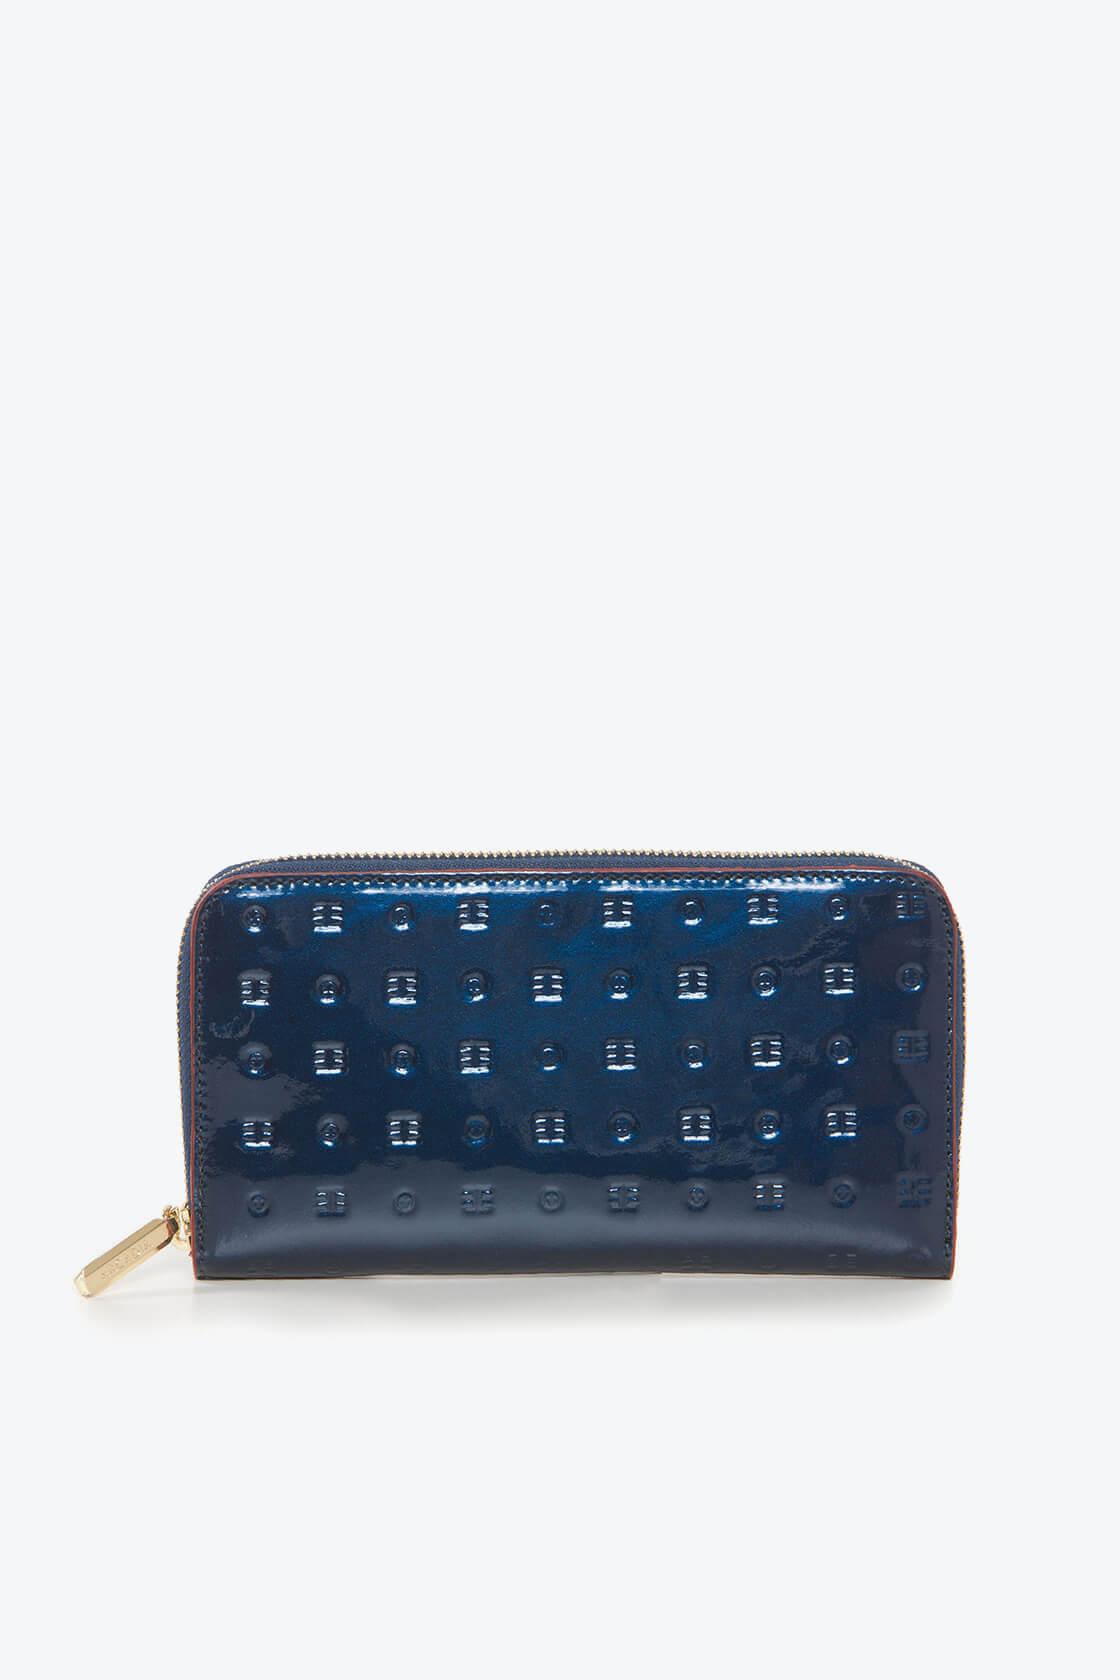 ol80000244 multi pockets wallet 1